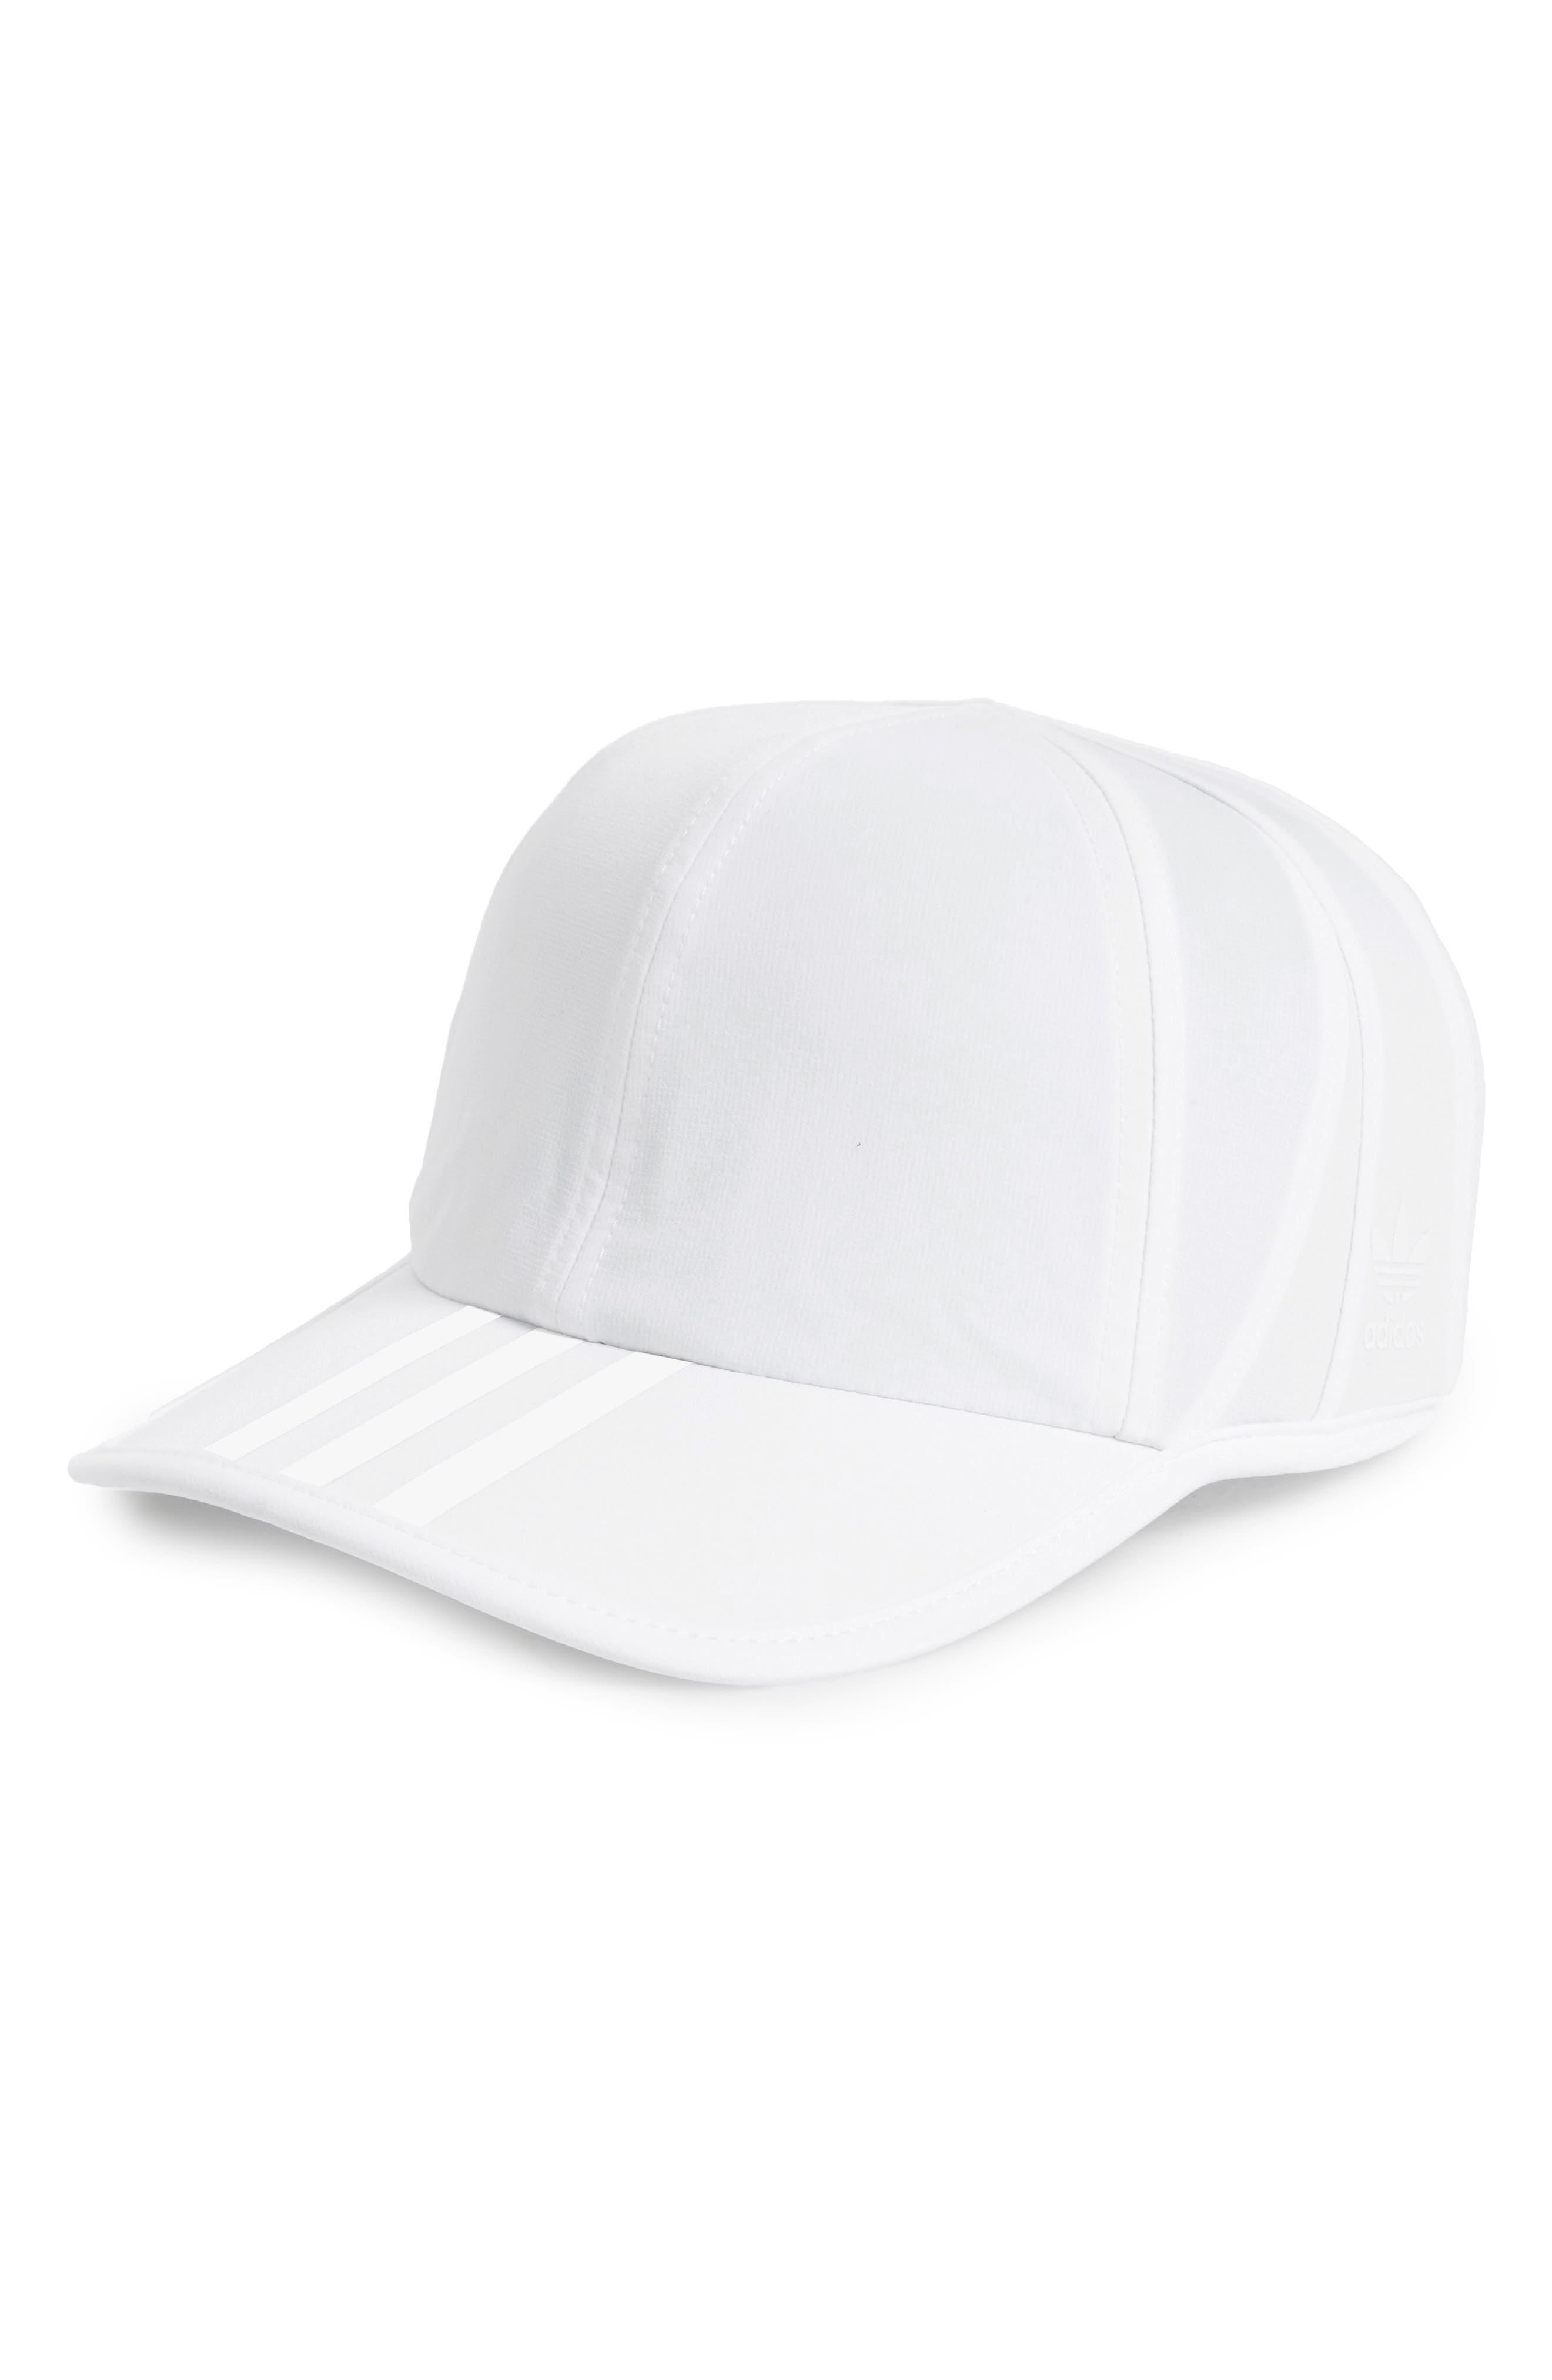 adidas Originals 3 Stripe Training Cap